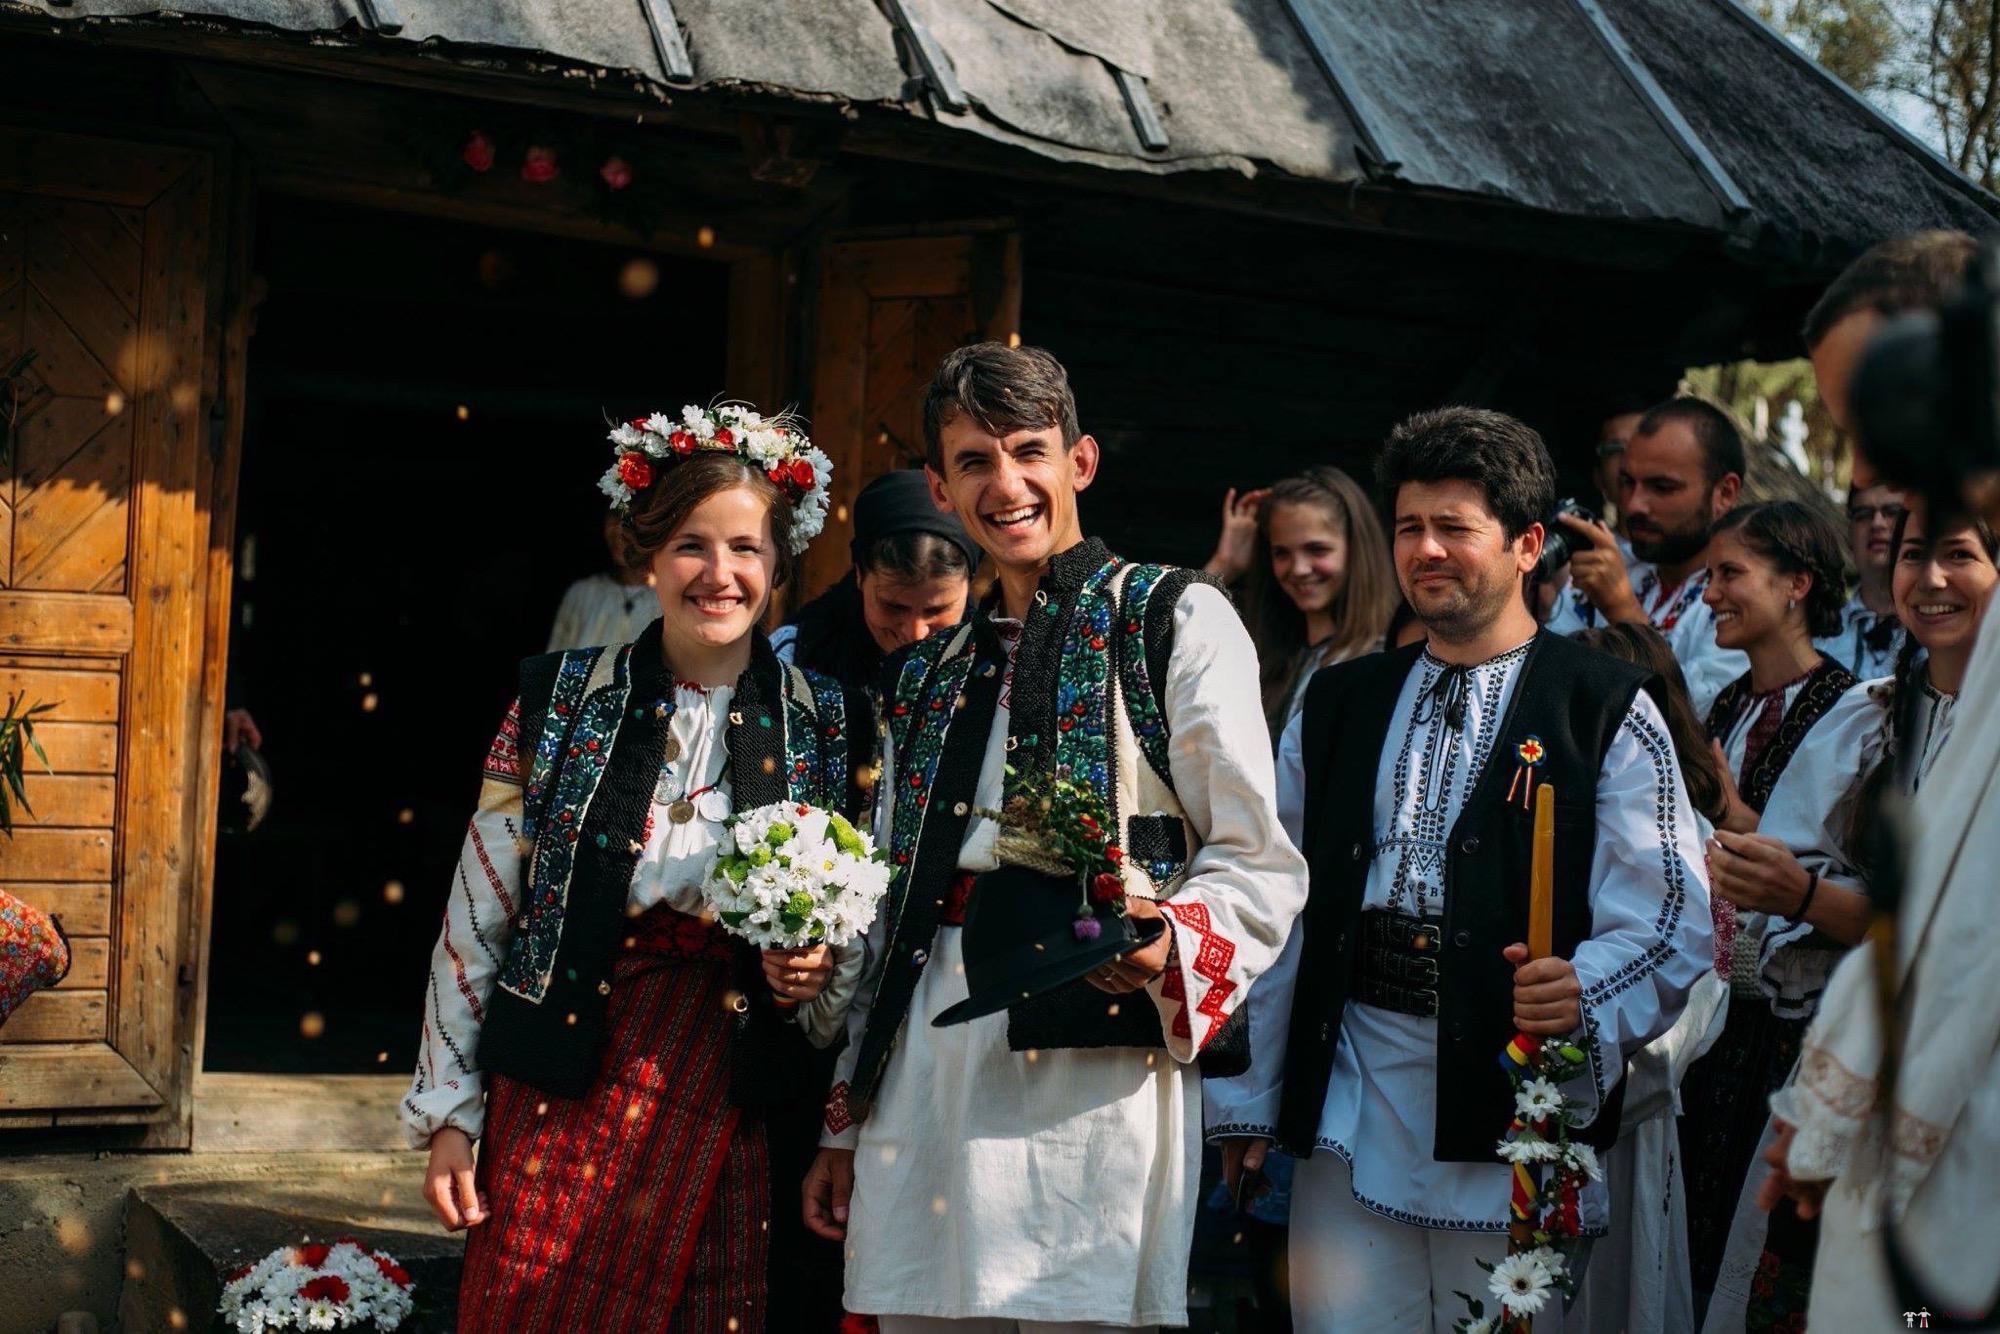 Povești Nunți Tradiționale - Andreea și Sergiu. Nuntă tradițională în Alba-Iulia